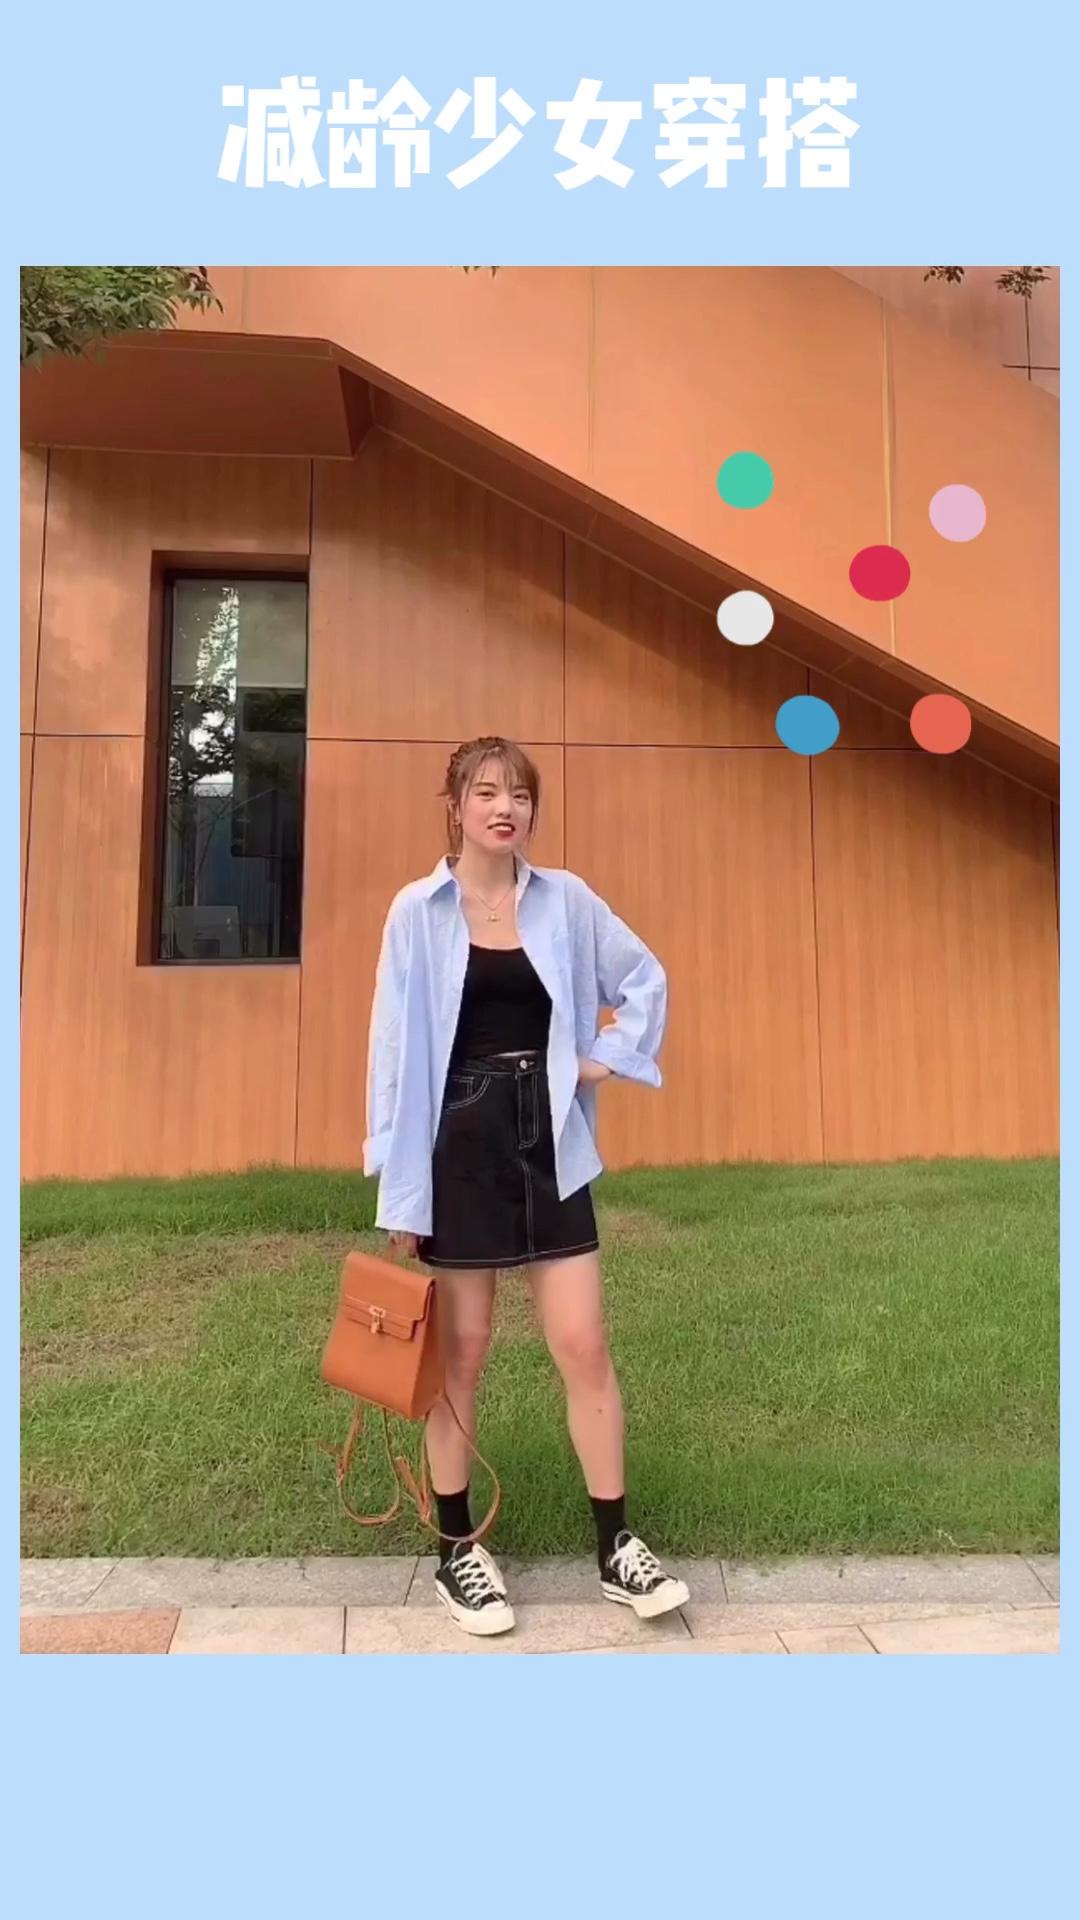 #晒不黑女孩的防晒必备# 简约清新的蓝色衬衫,不管做防晒还是衬衣都很好穿,搭配小吊带和高腰牛仔短裙,即显身材又有点小性感哦~